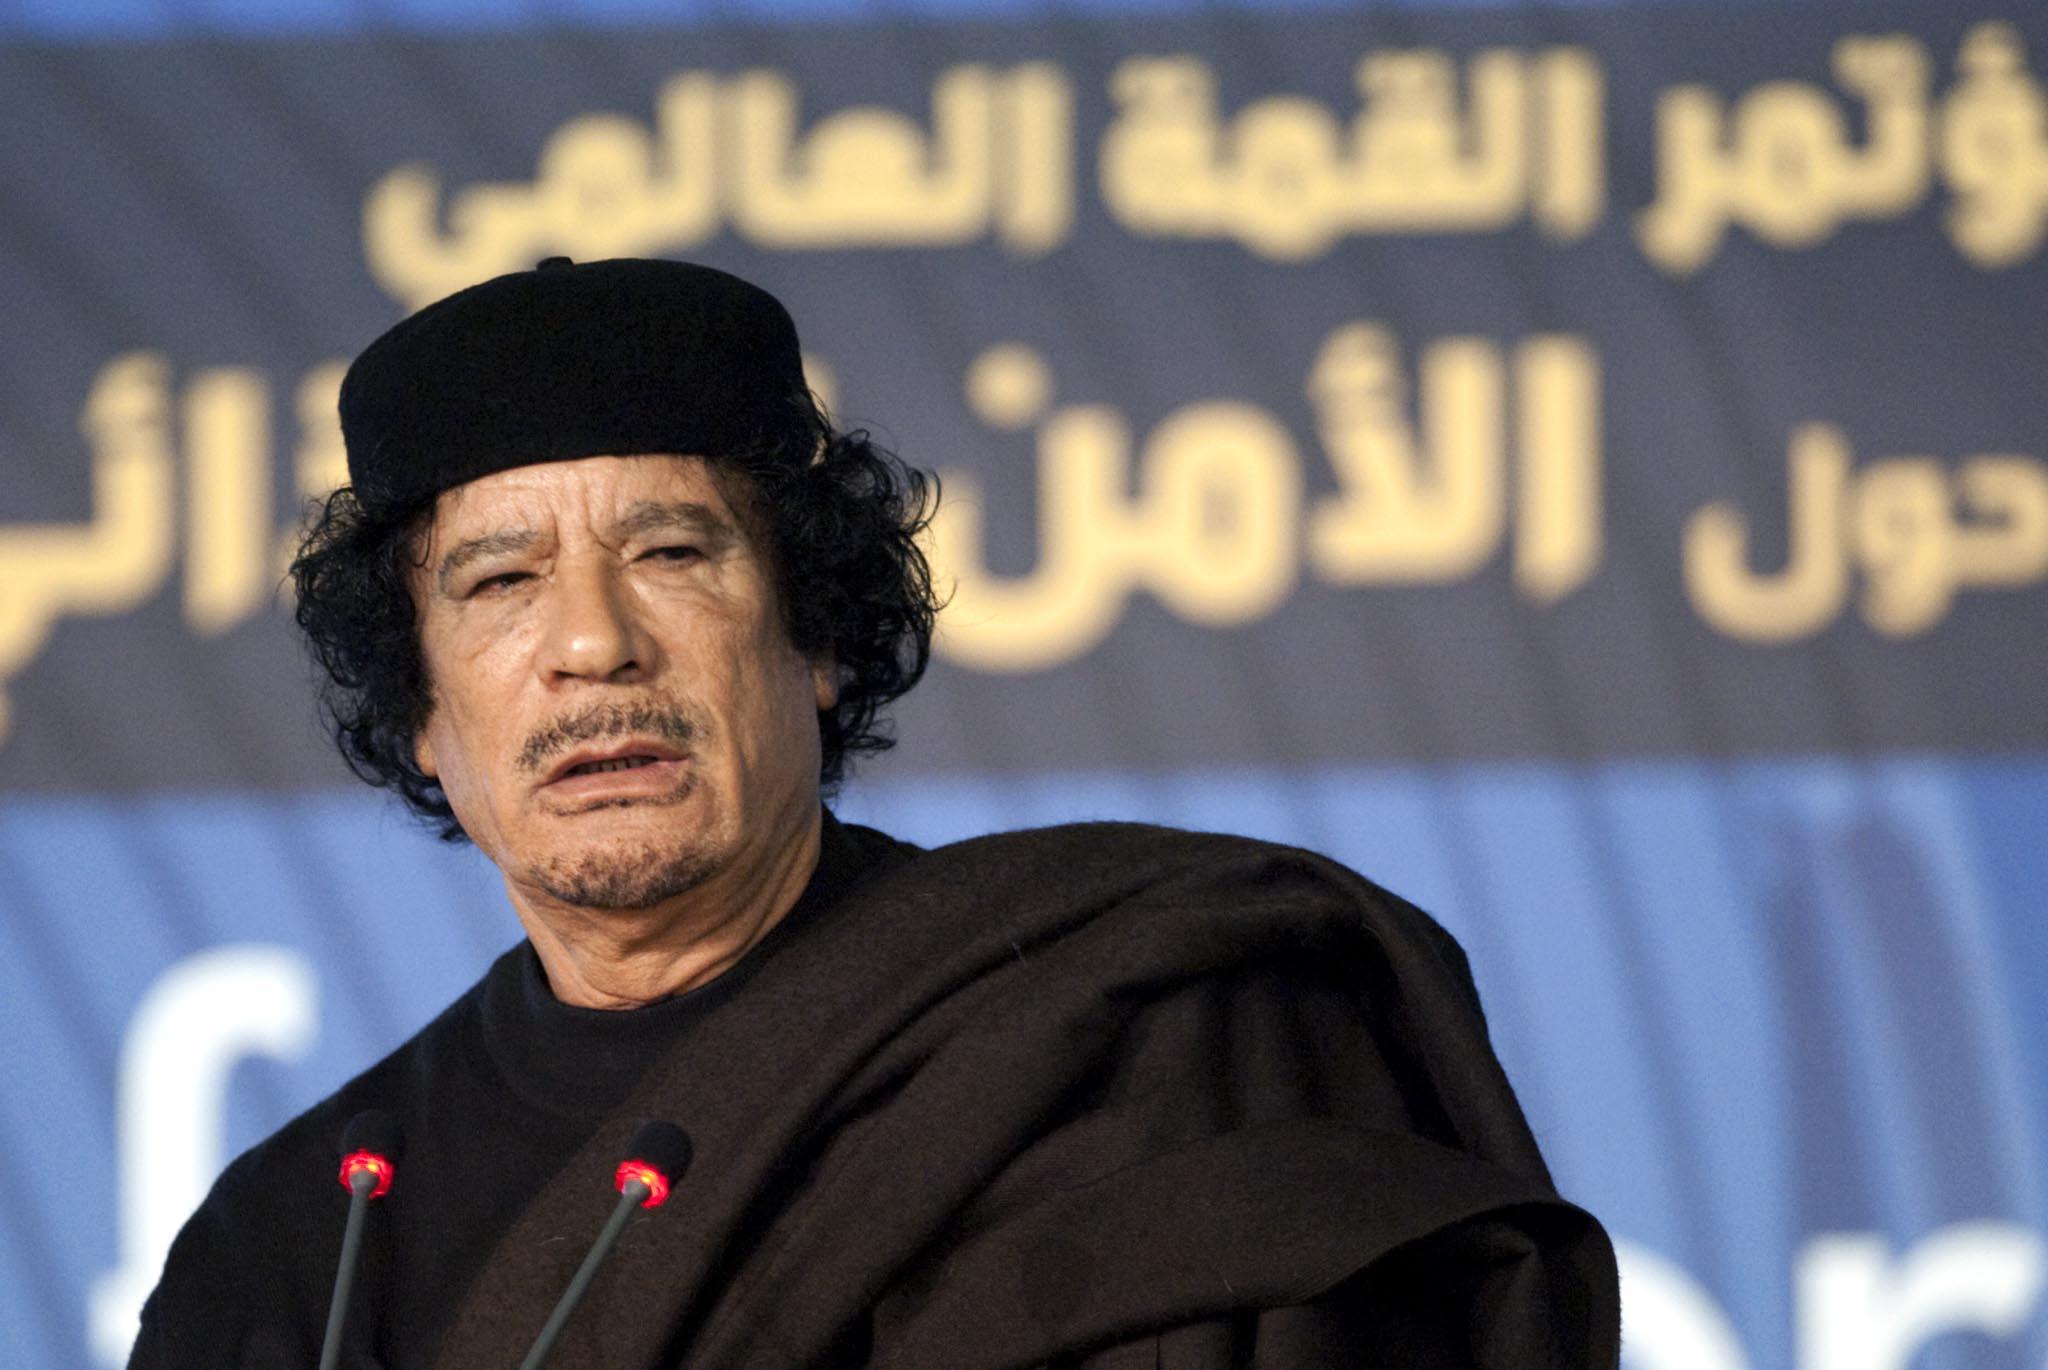 Libia, che fine ha fatto il tesoro di Gheddafi?